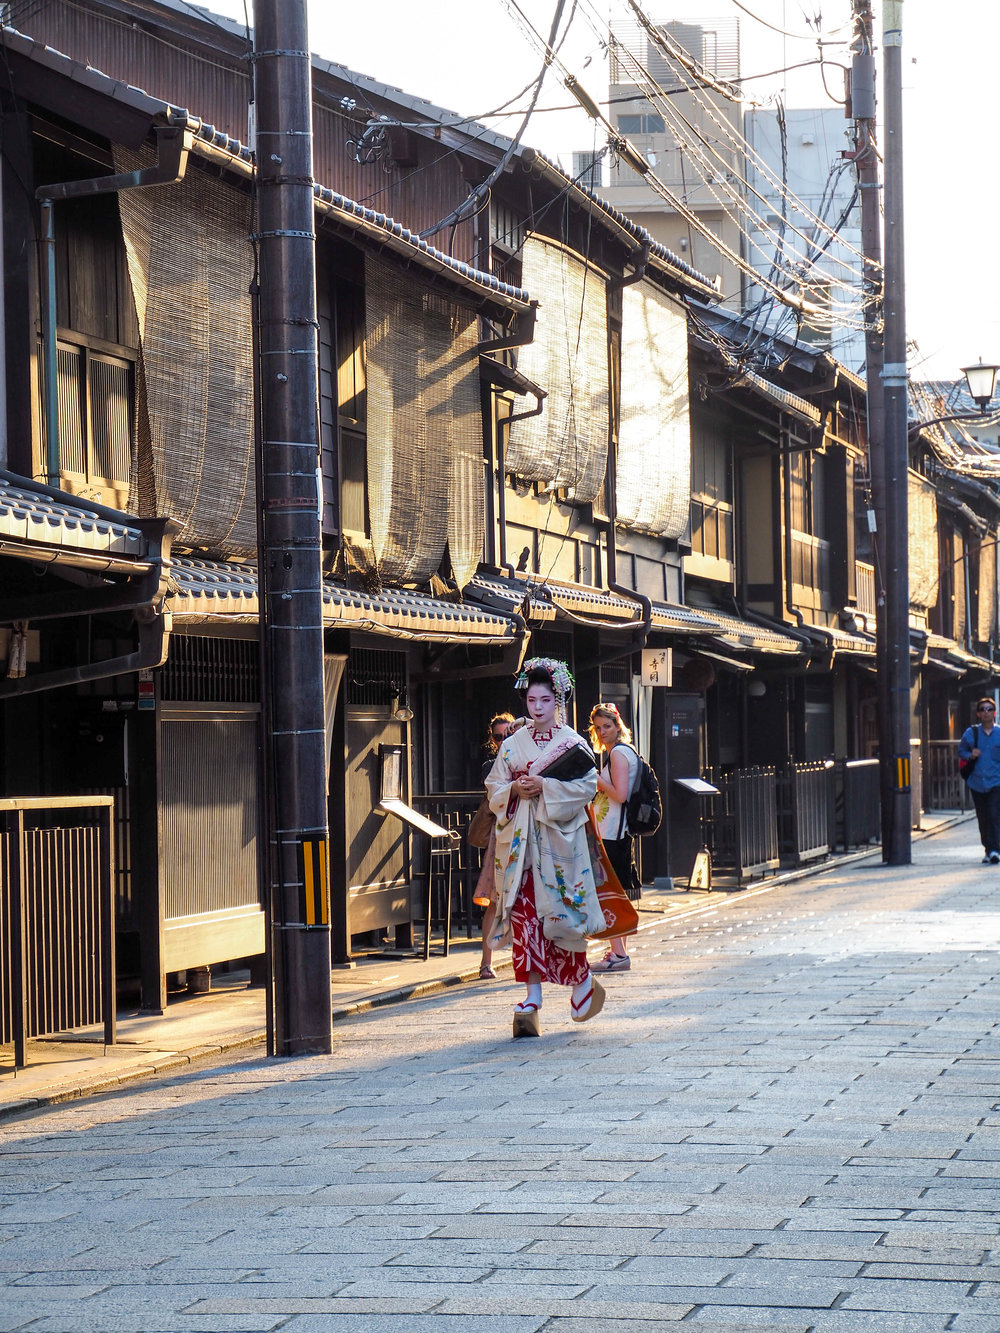 Spotted a geisha!